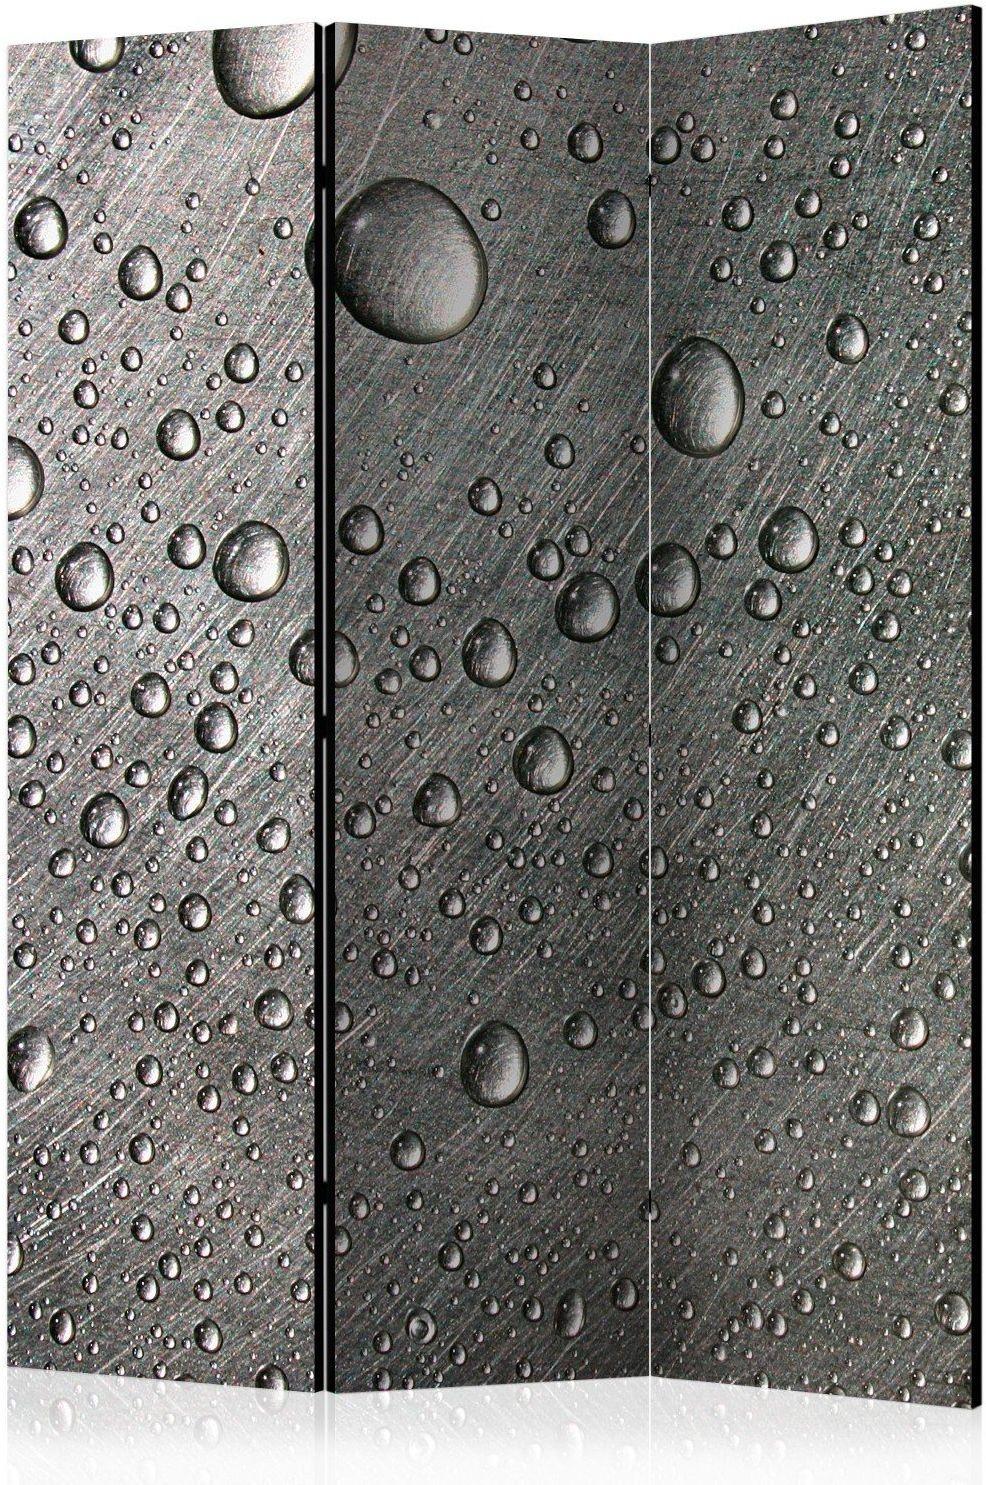 Parawan 3-częściowy - stalowa powierzchnia z kroplami wody [room dividers]